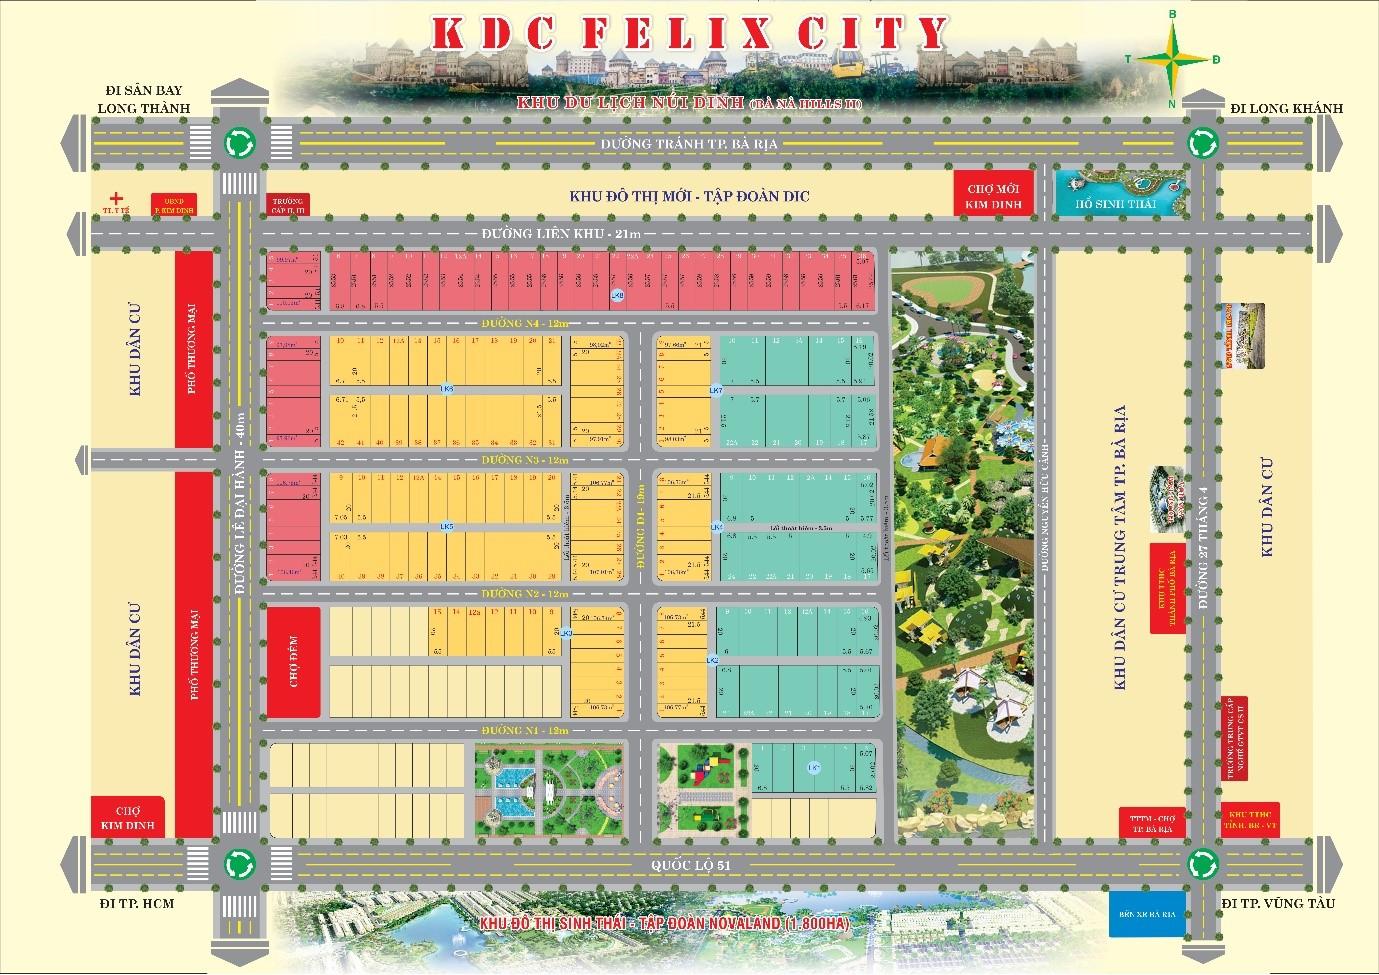 Mặt bằng dự án khu dân cư Felix City Bà Rịa – Vũng Tàu